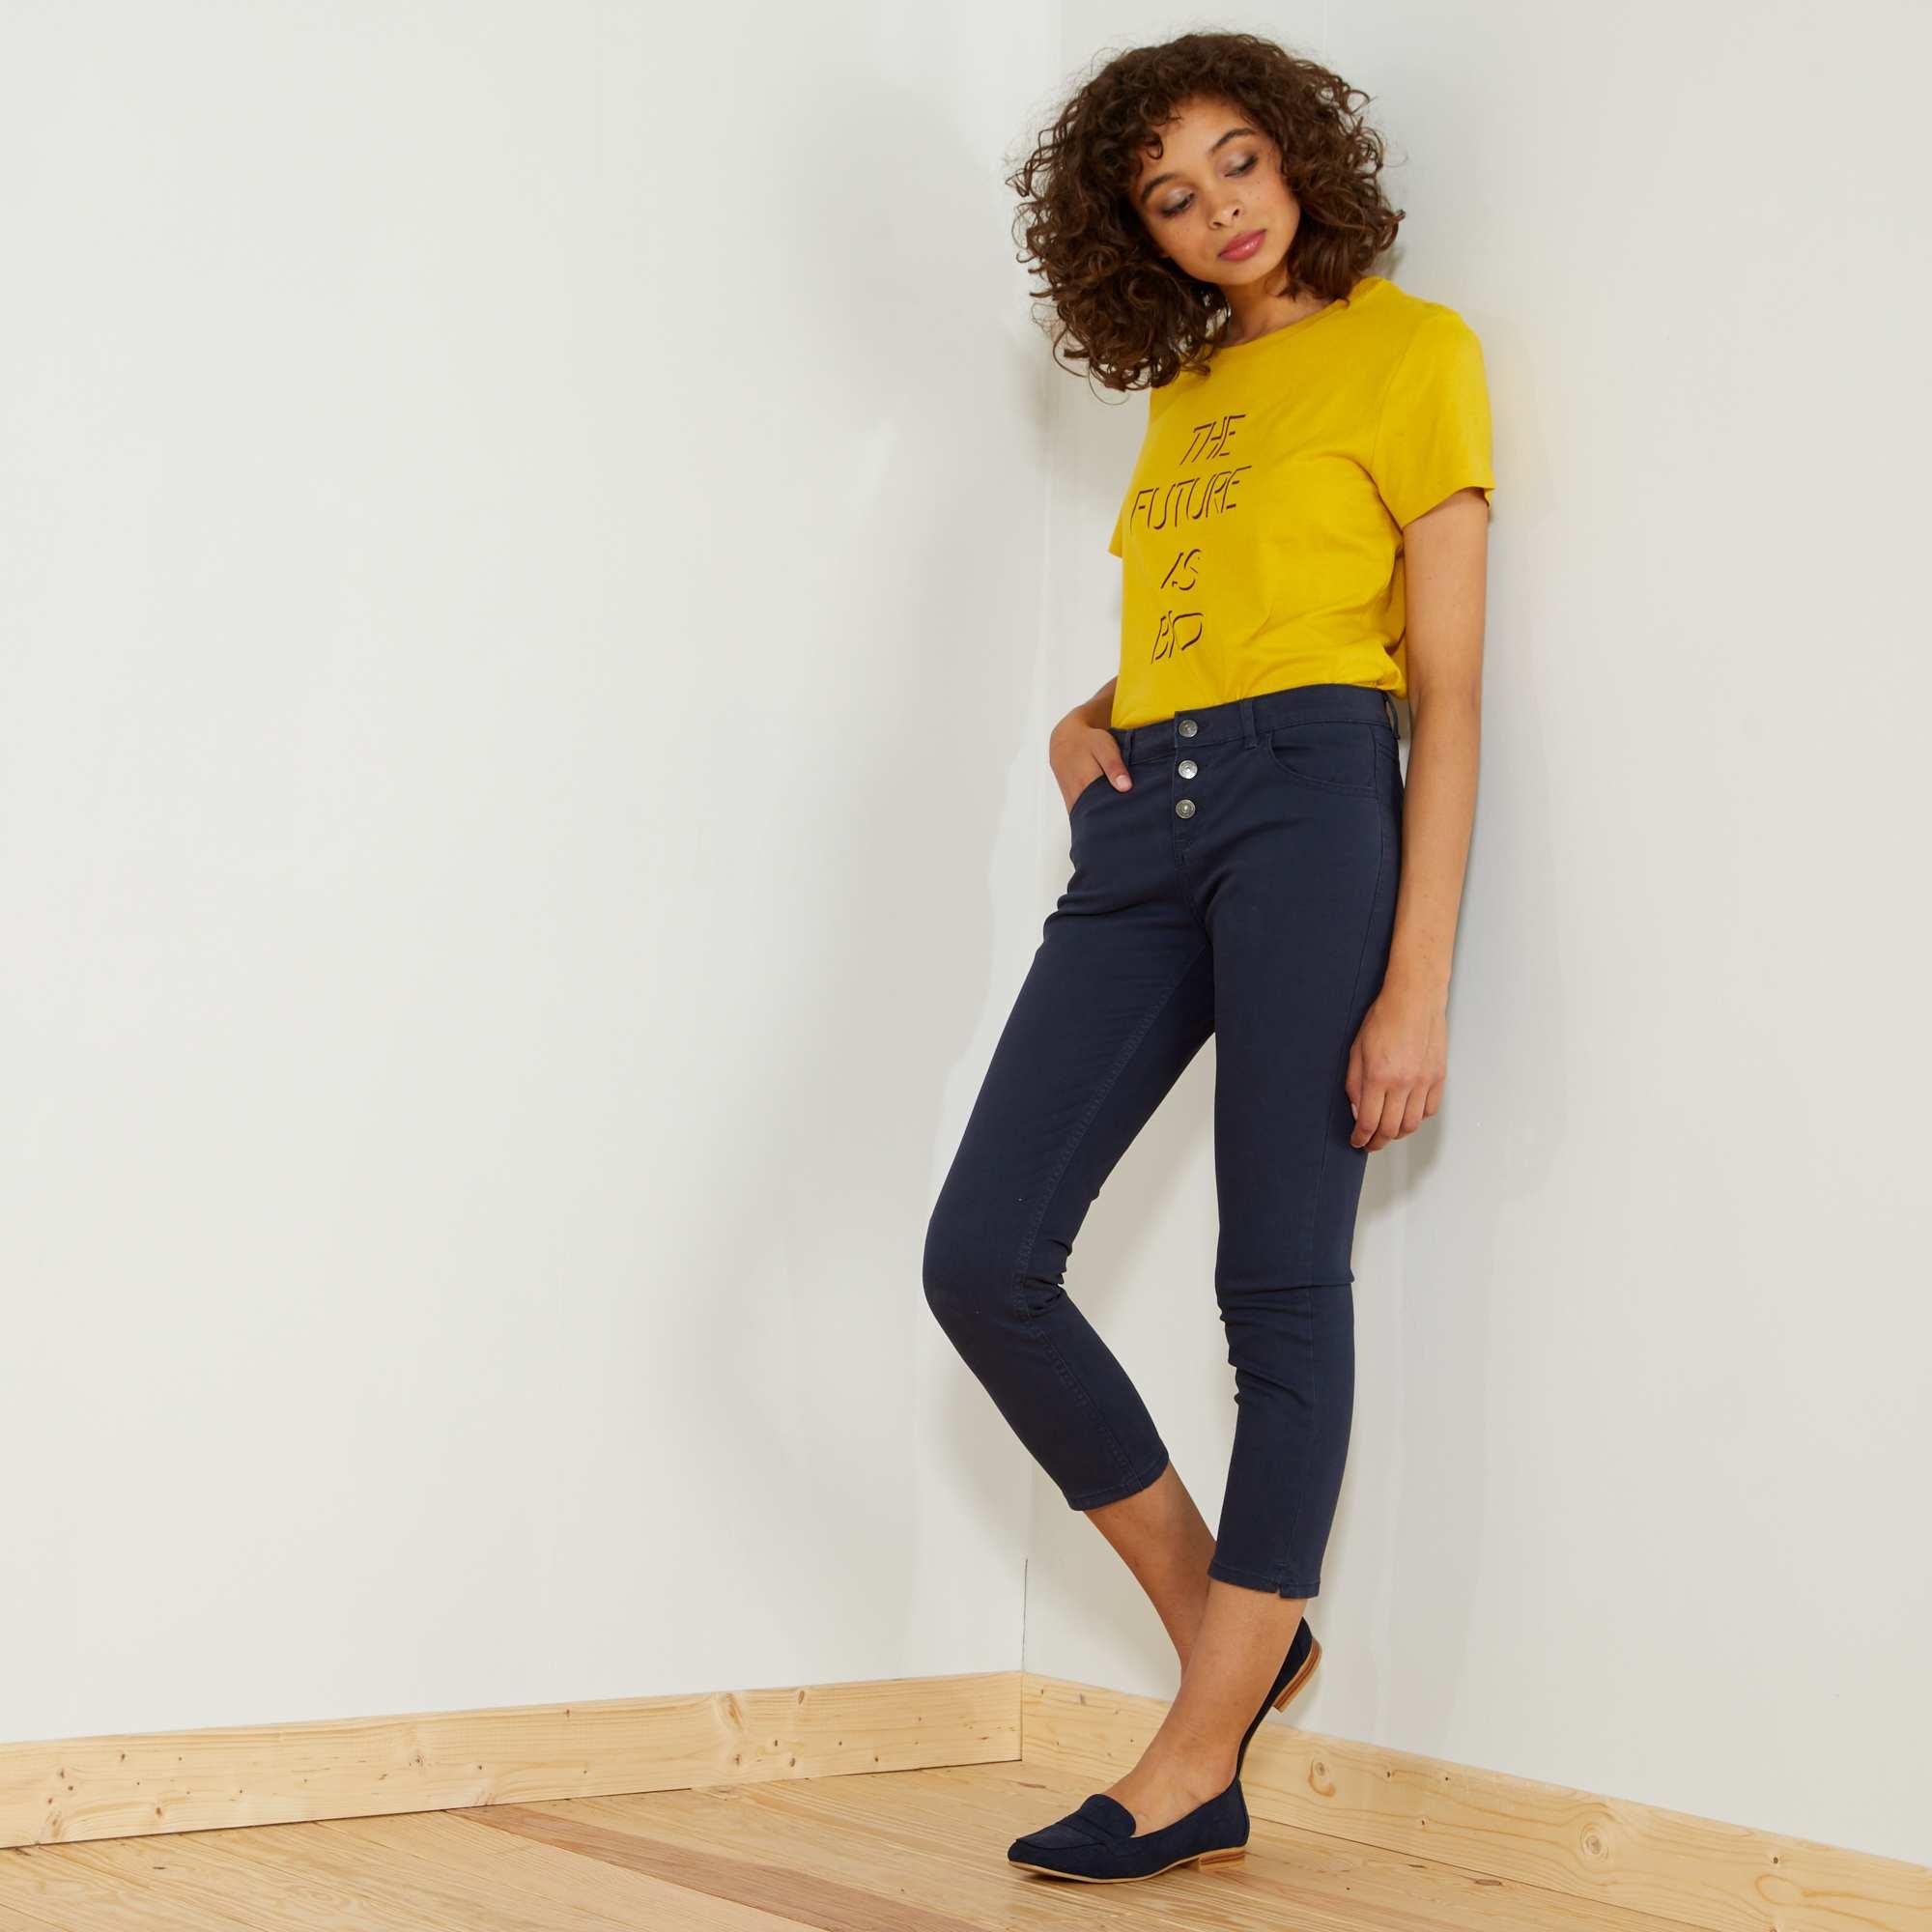 Pantalón slim 7 8 Mujer talla 34 a 48 - Kiabi - 10 f5d8d70f4635